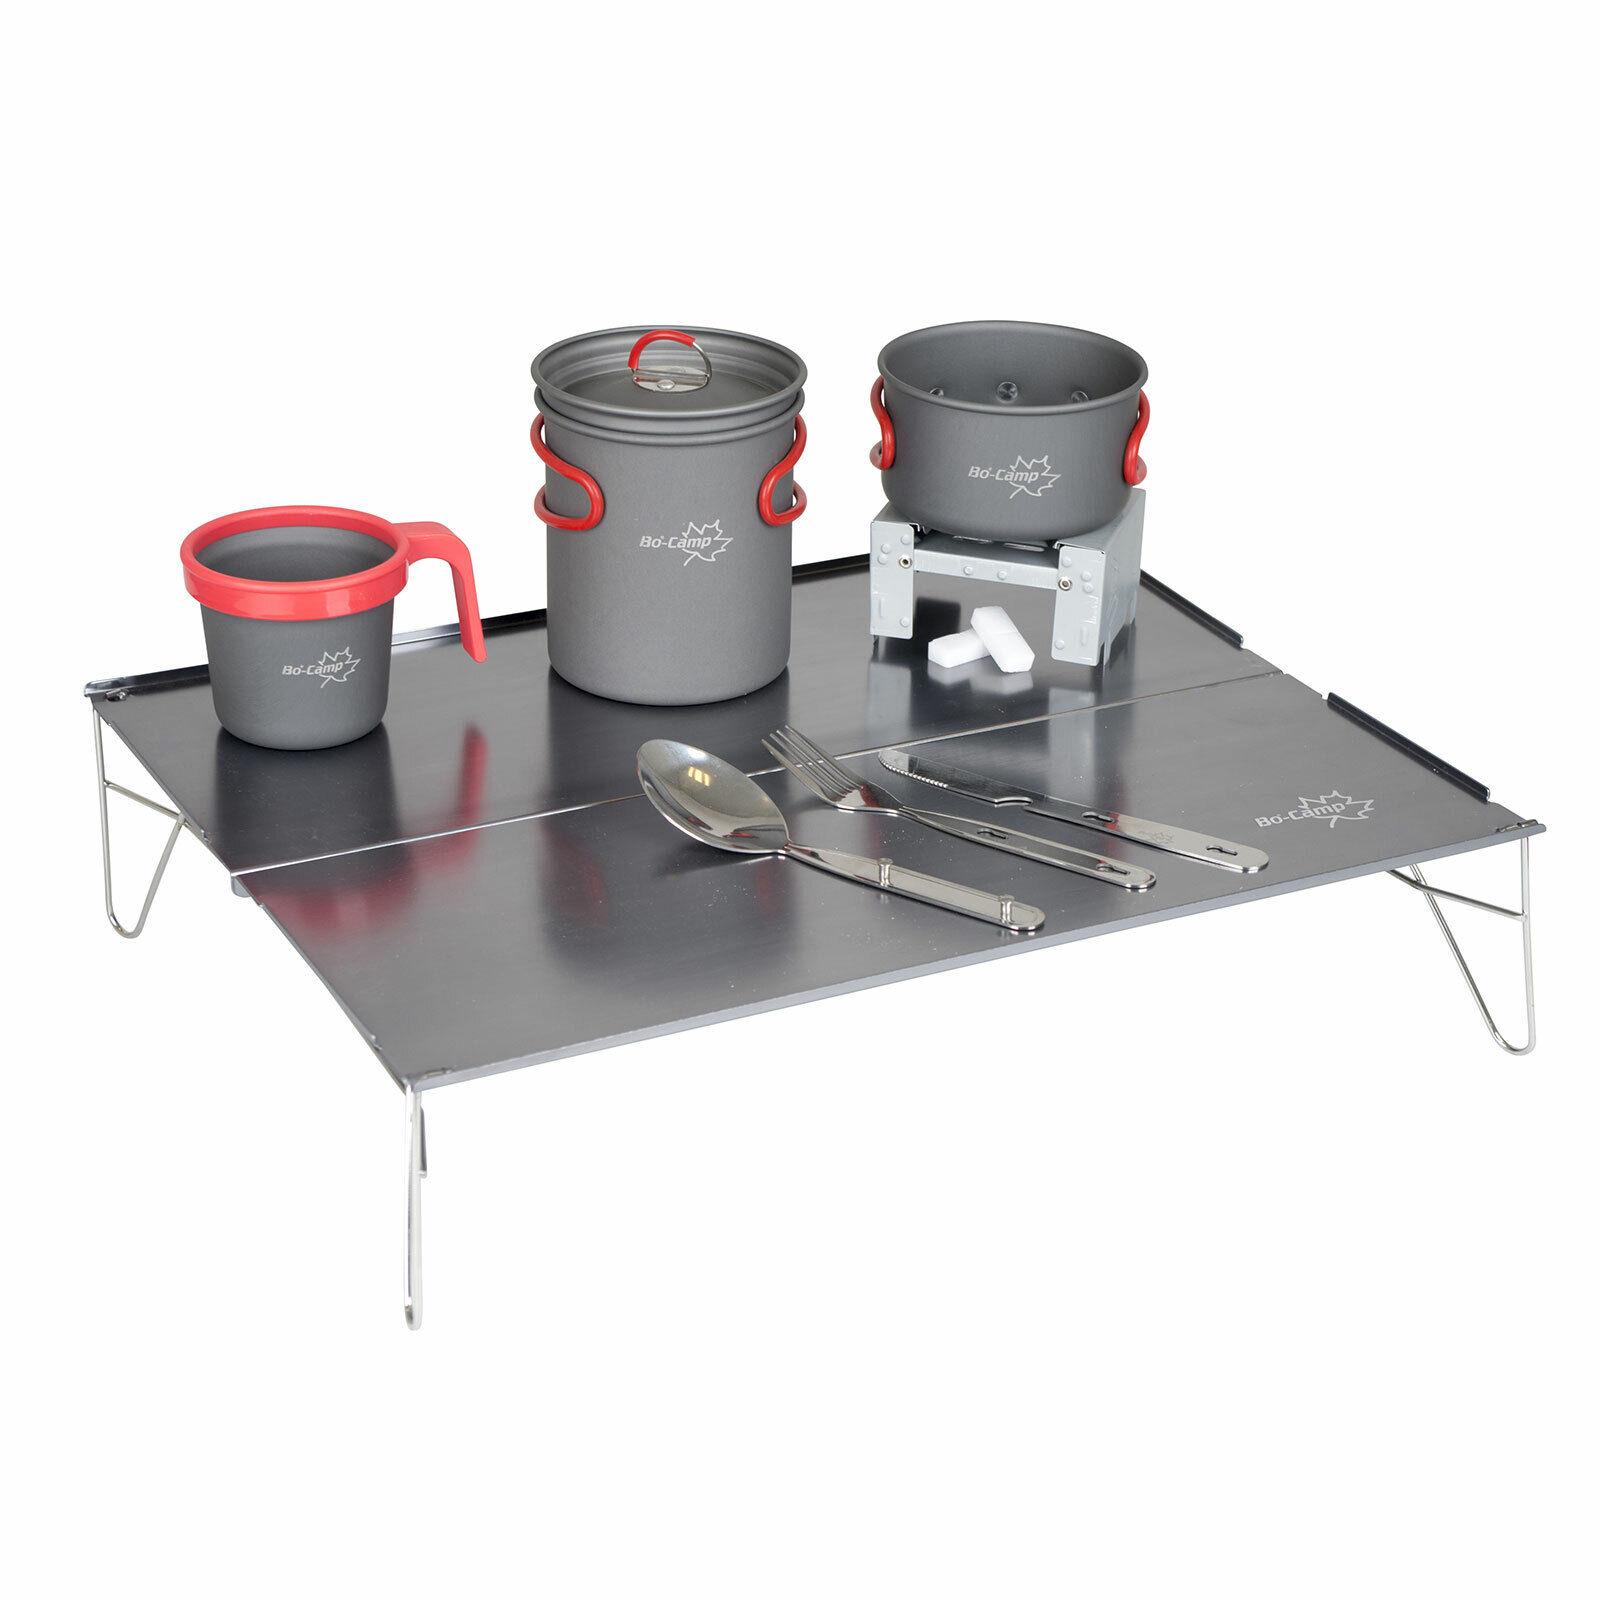 BO-CAMP Alu Campingtisch Mini Falttisch Beistelltisch Küche leicht bivvy faltbar